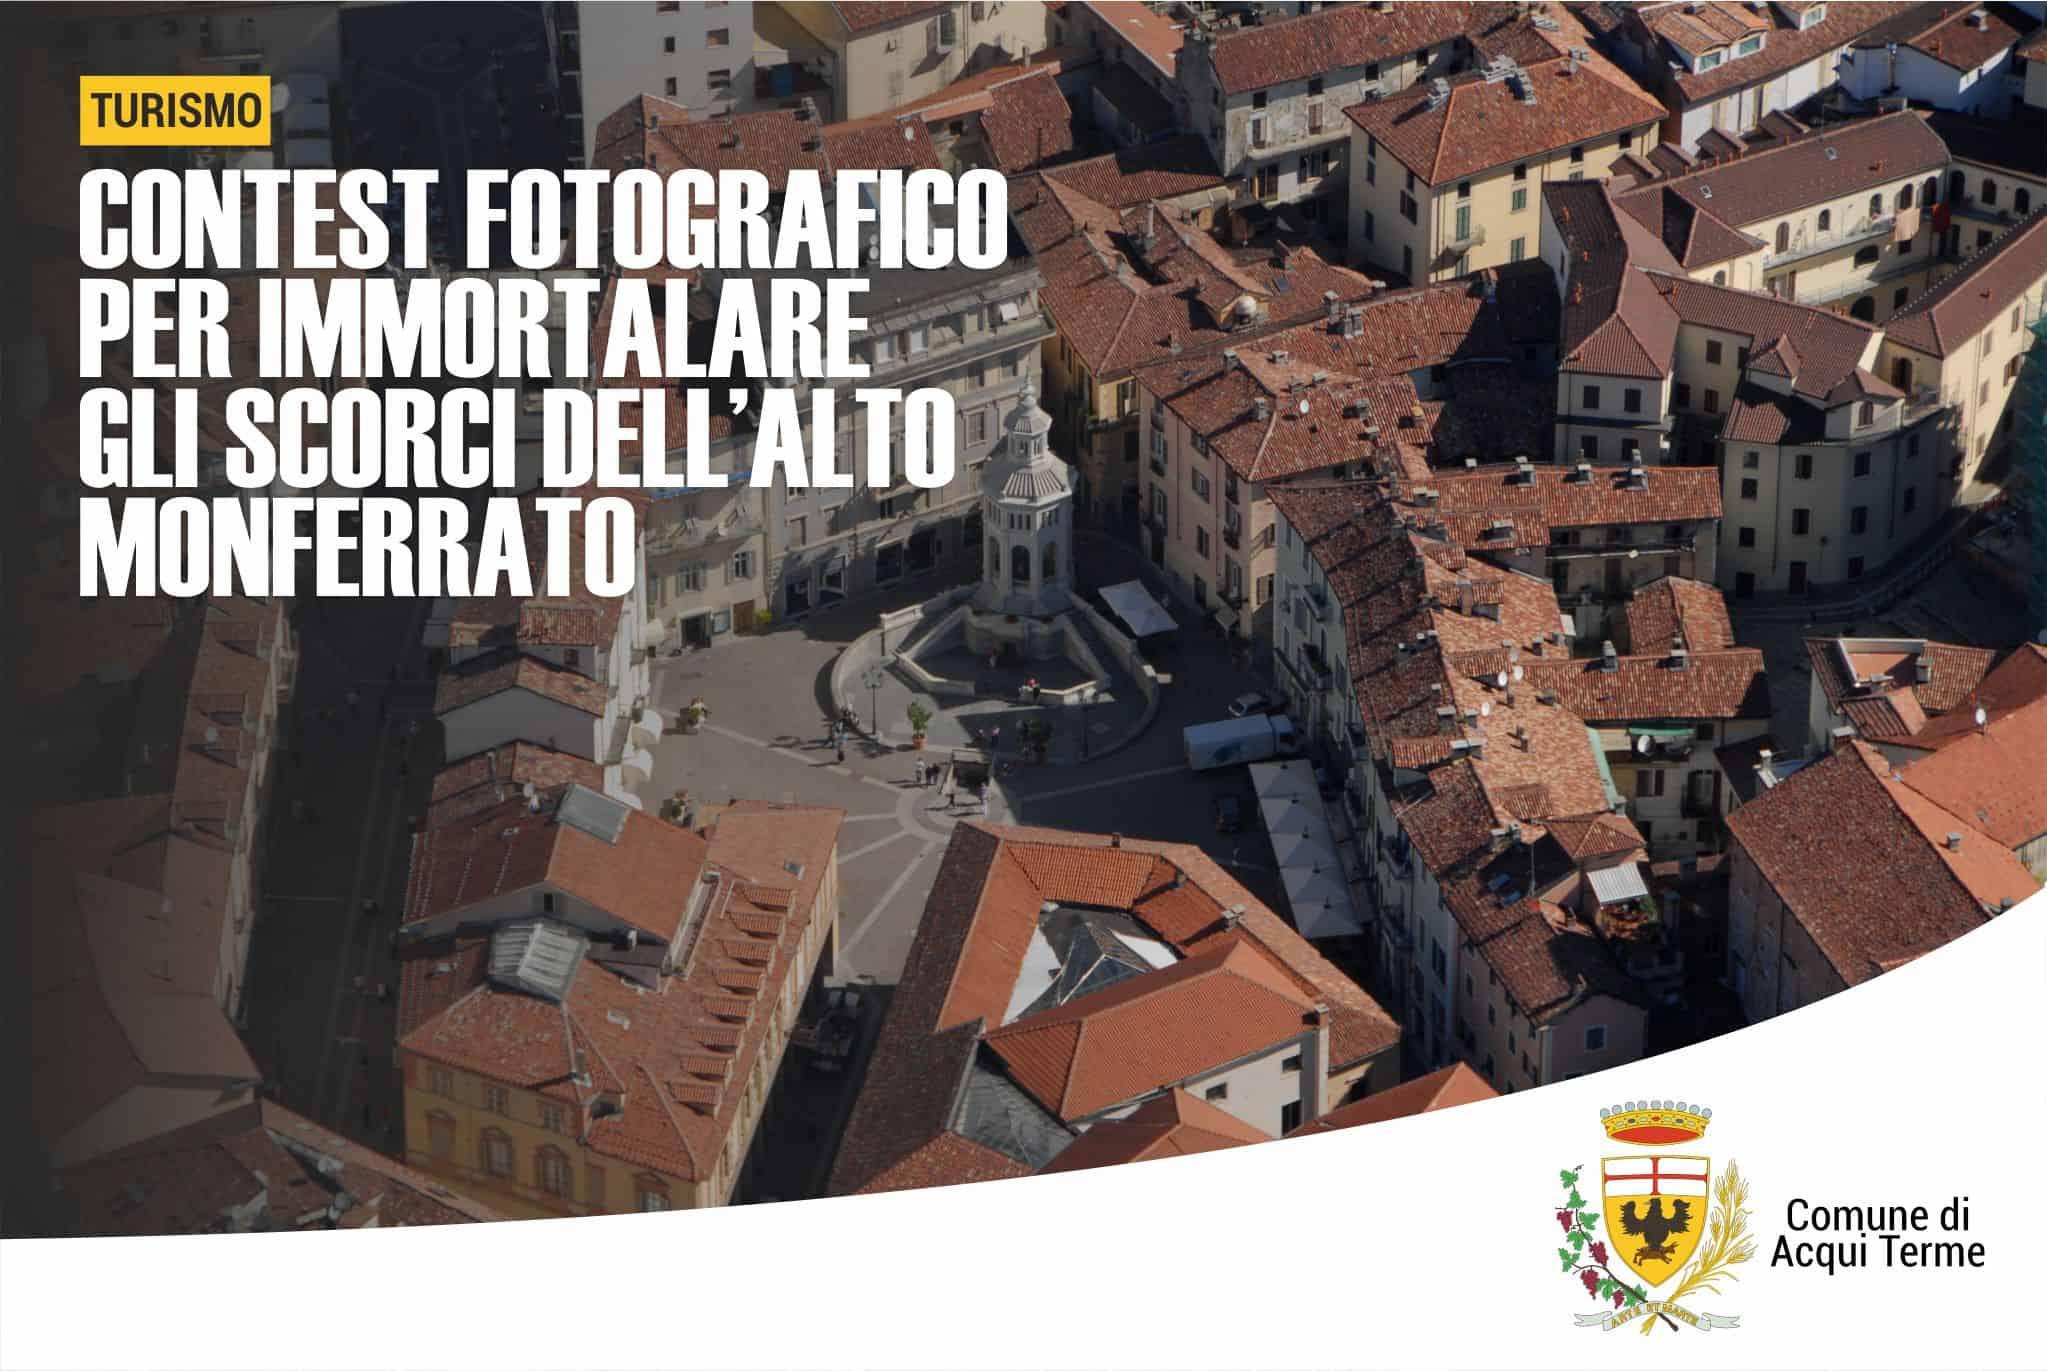 Immagine - UN CONTEST FOTOGRAFICO PER IMMORTALARE GLI SCORCI DELL'ALTO MONFERRATO